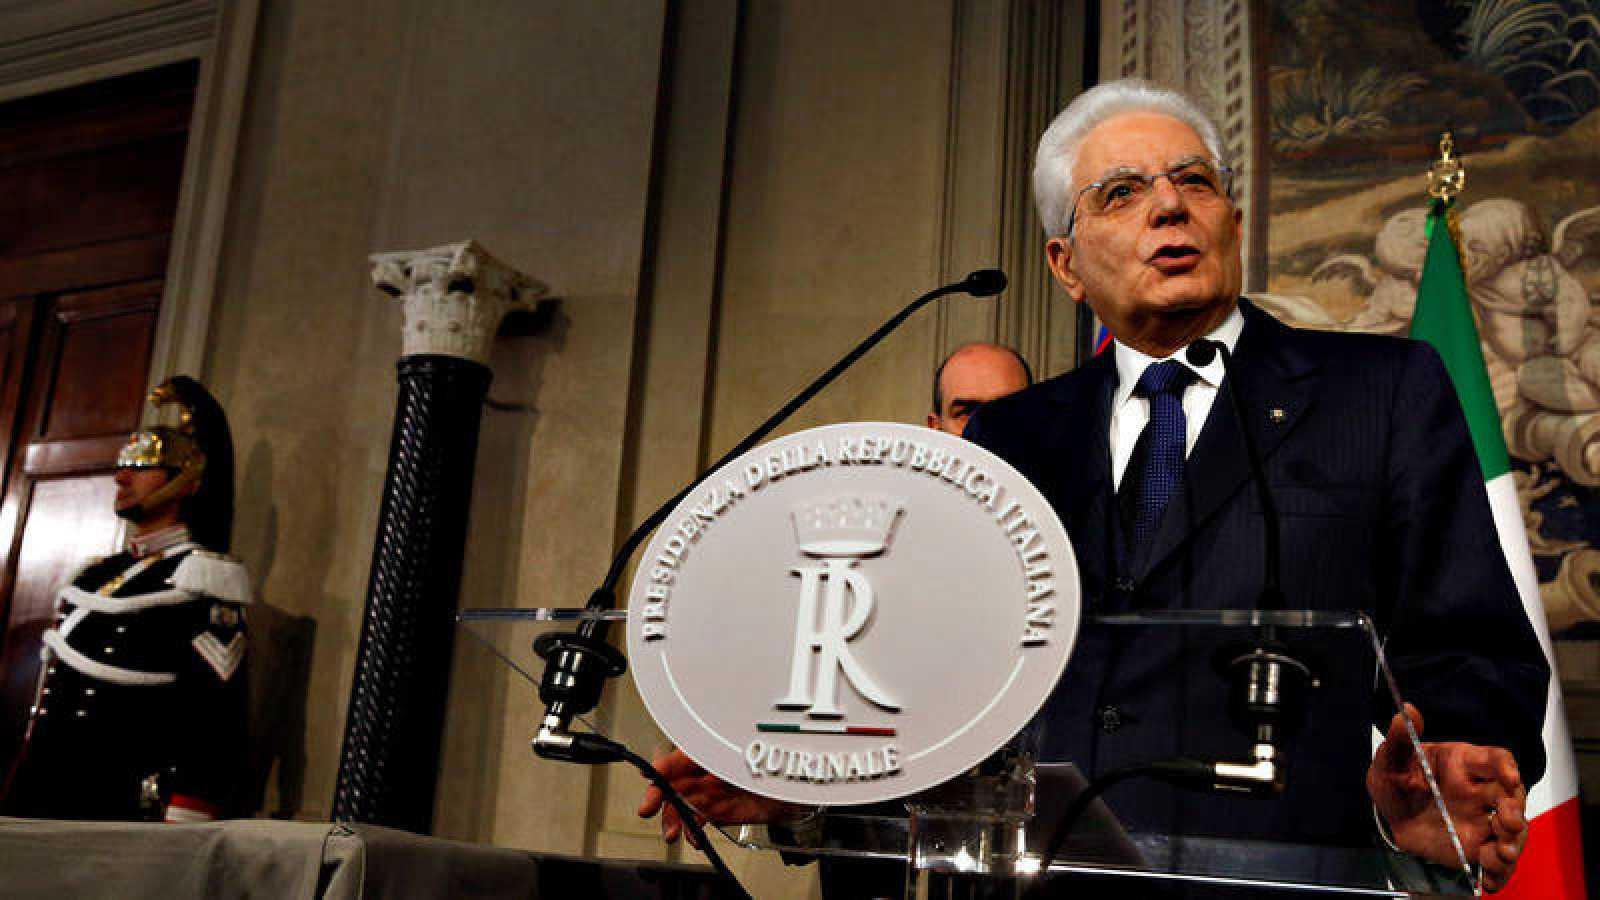 El presidente de la República de Italia, Sergio Mattarella, tras cerrar la primera ronda de consultas para formar gobierno